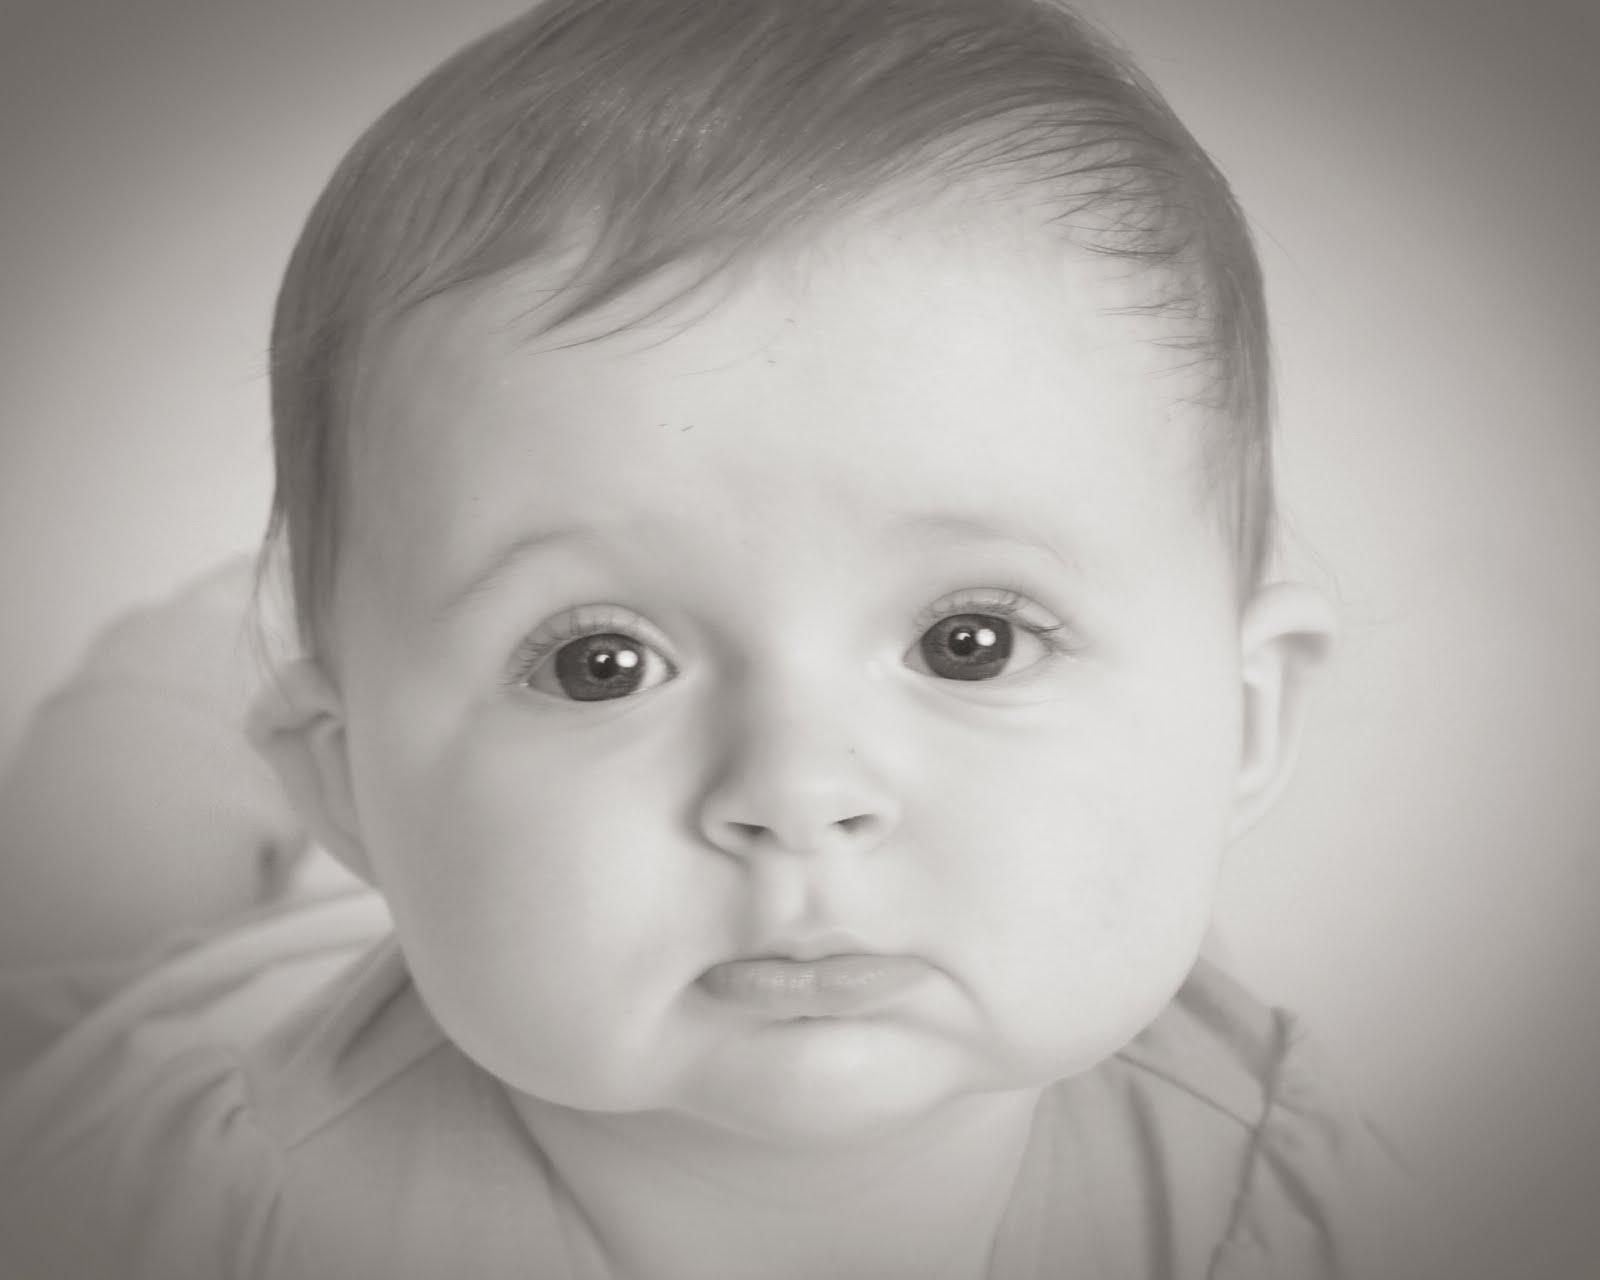 Sad Baby Face Girl Photos Sad Baby Face